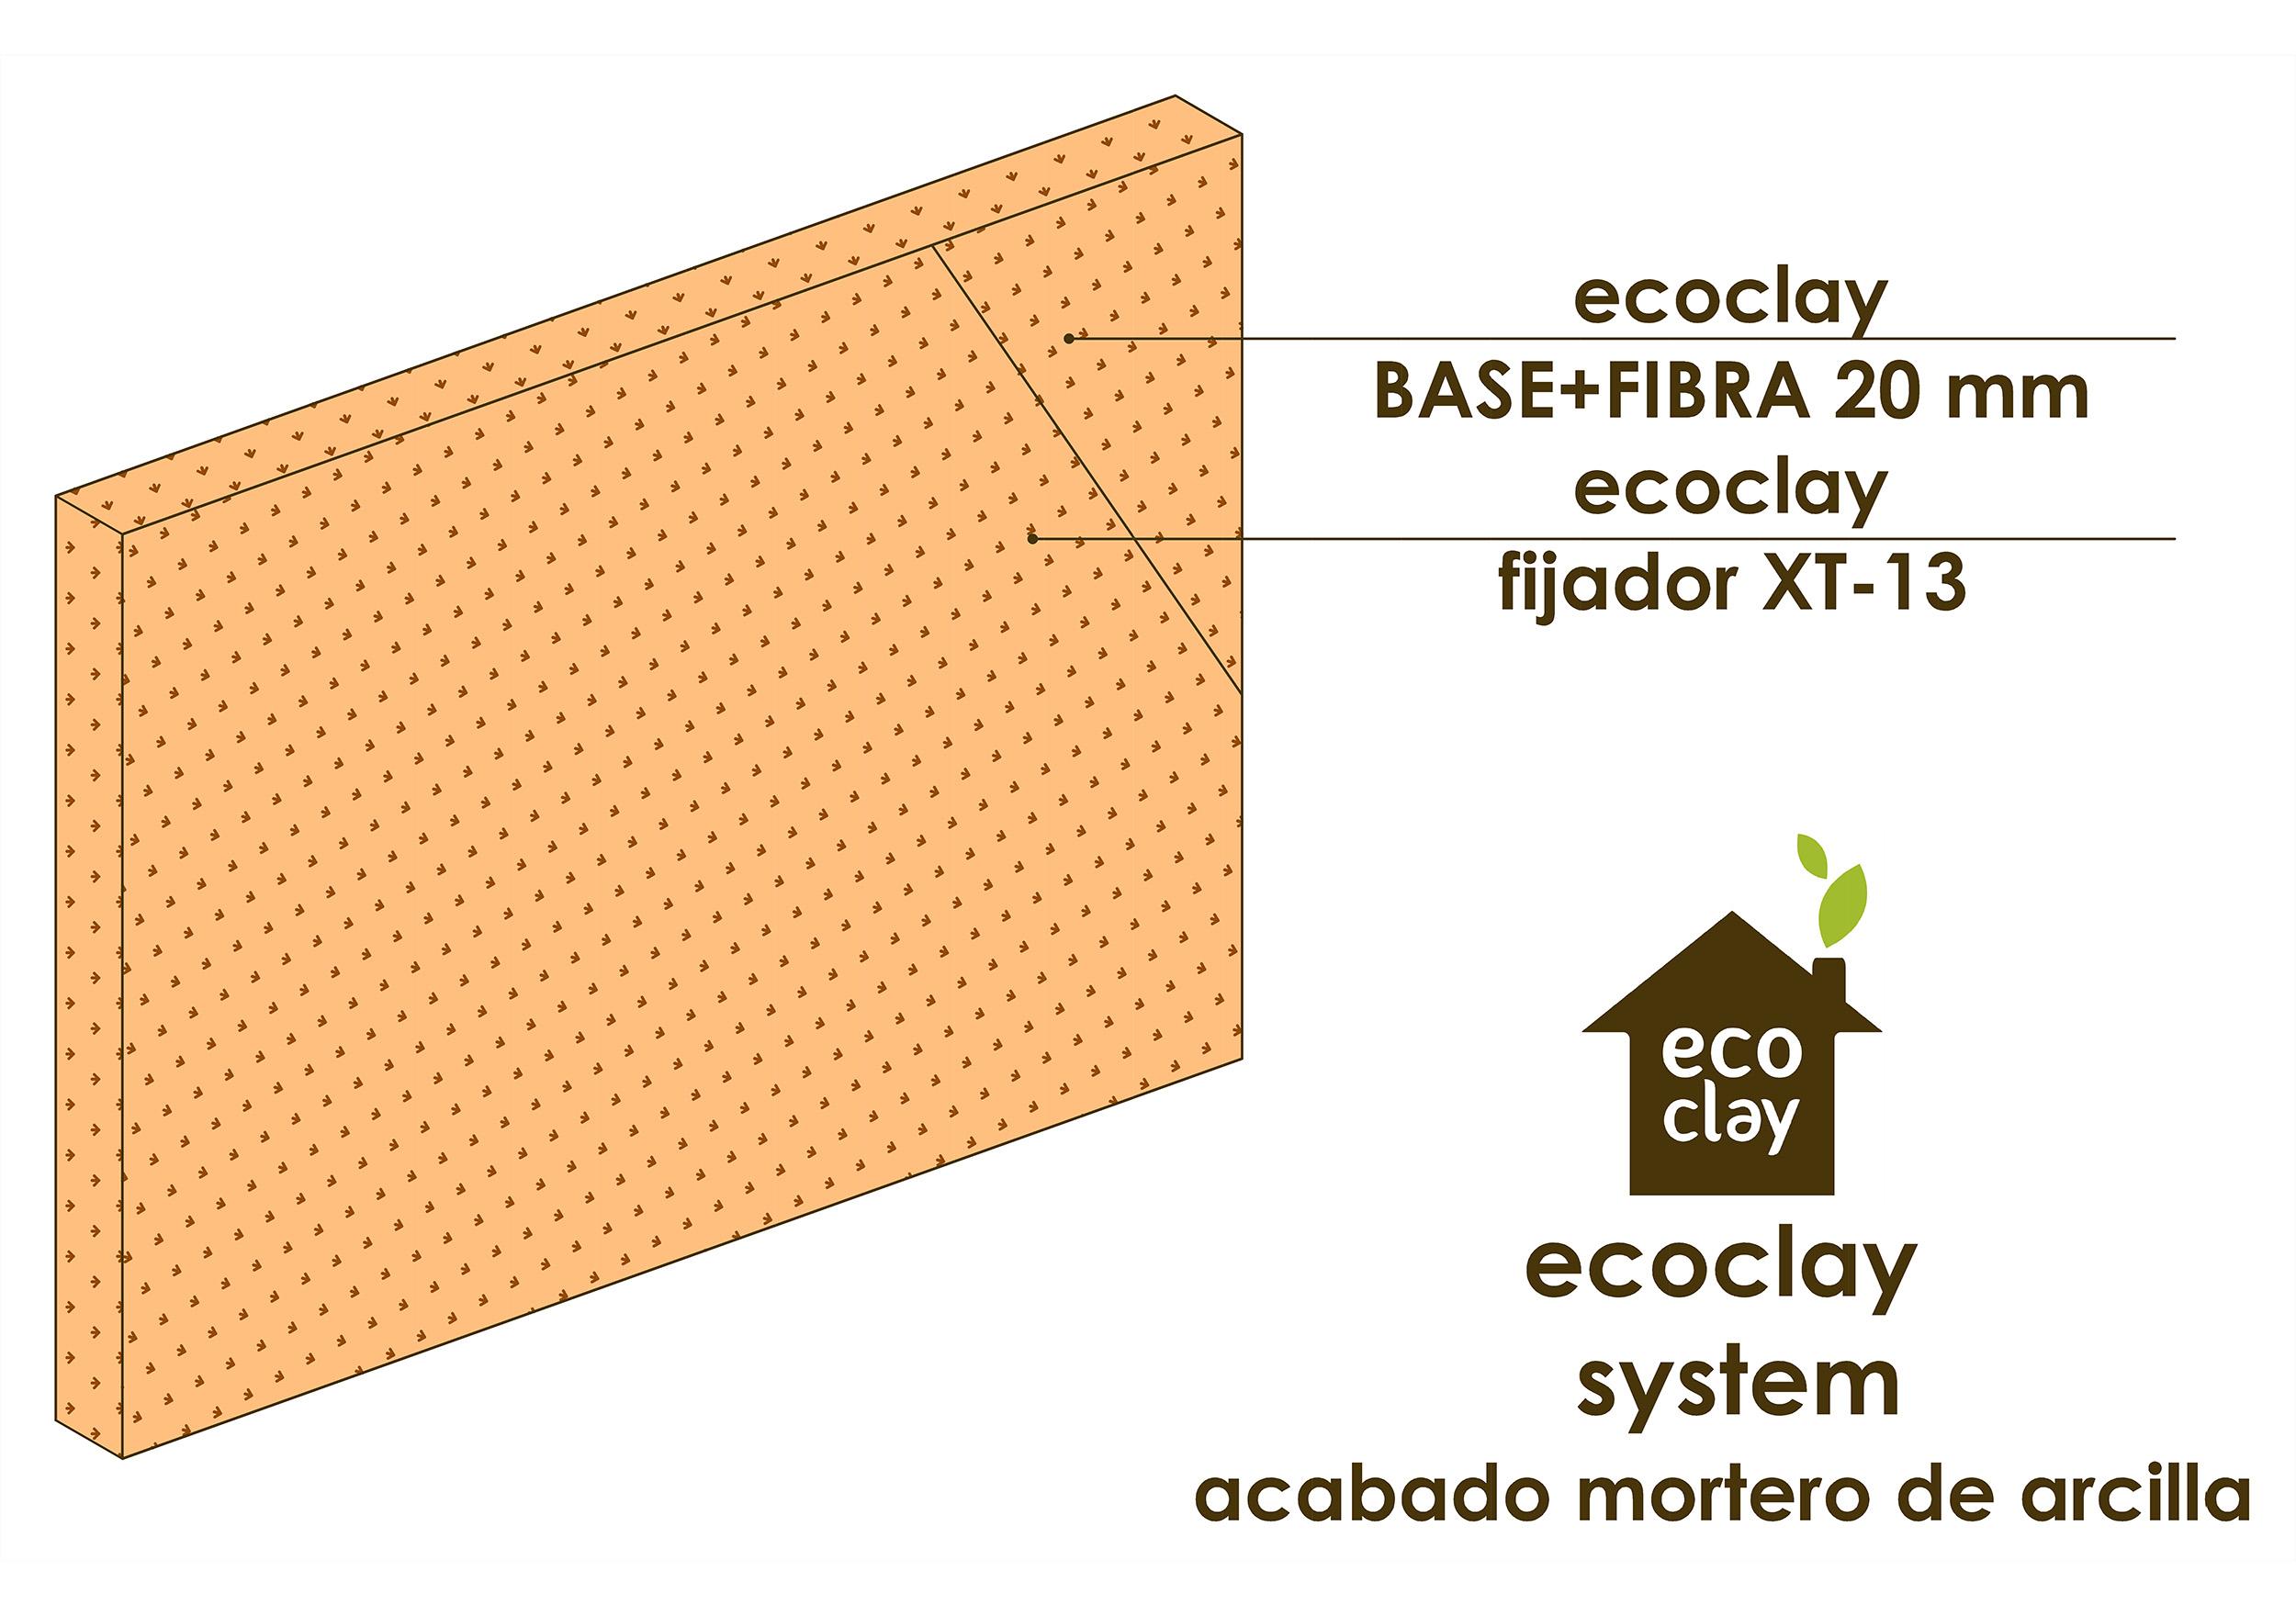 ecoclay SYSTEM, acabado mortero de arcilla, ecoclay BASE+FIBRA